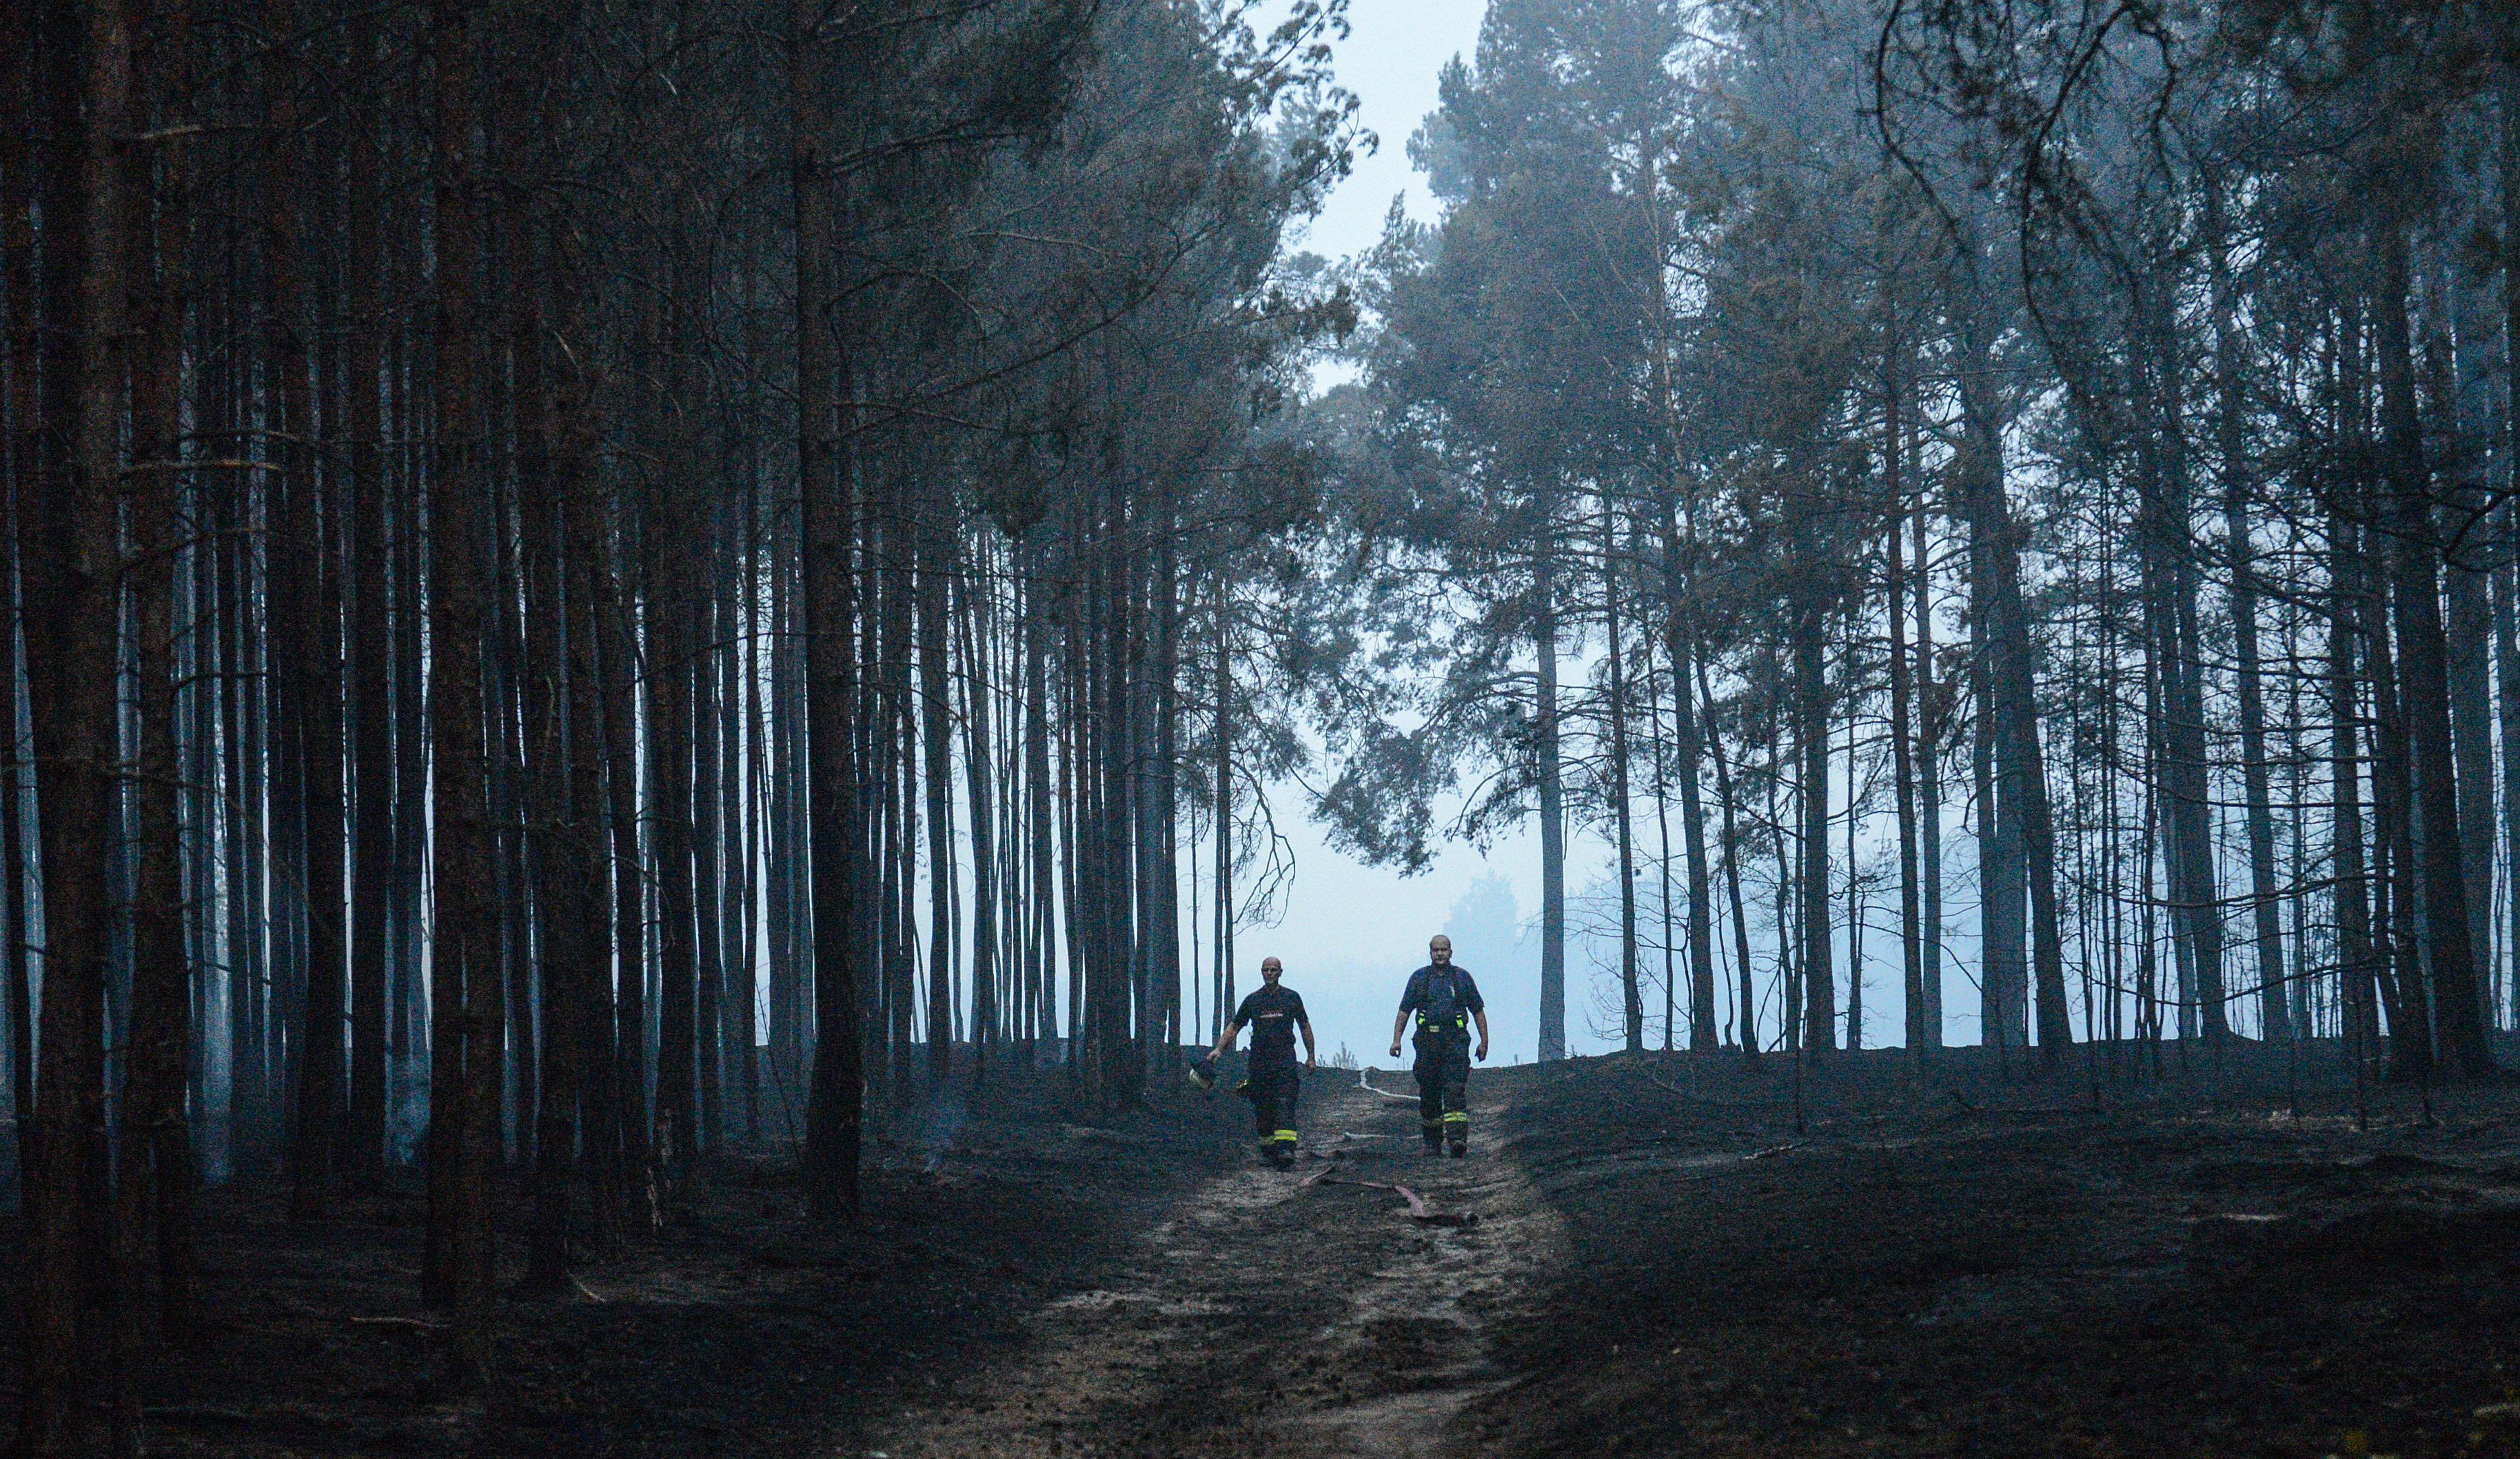 Nach Feuer in Brandenburg: Förster spricht düstere Vorahnung